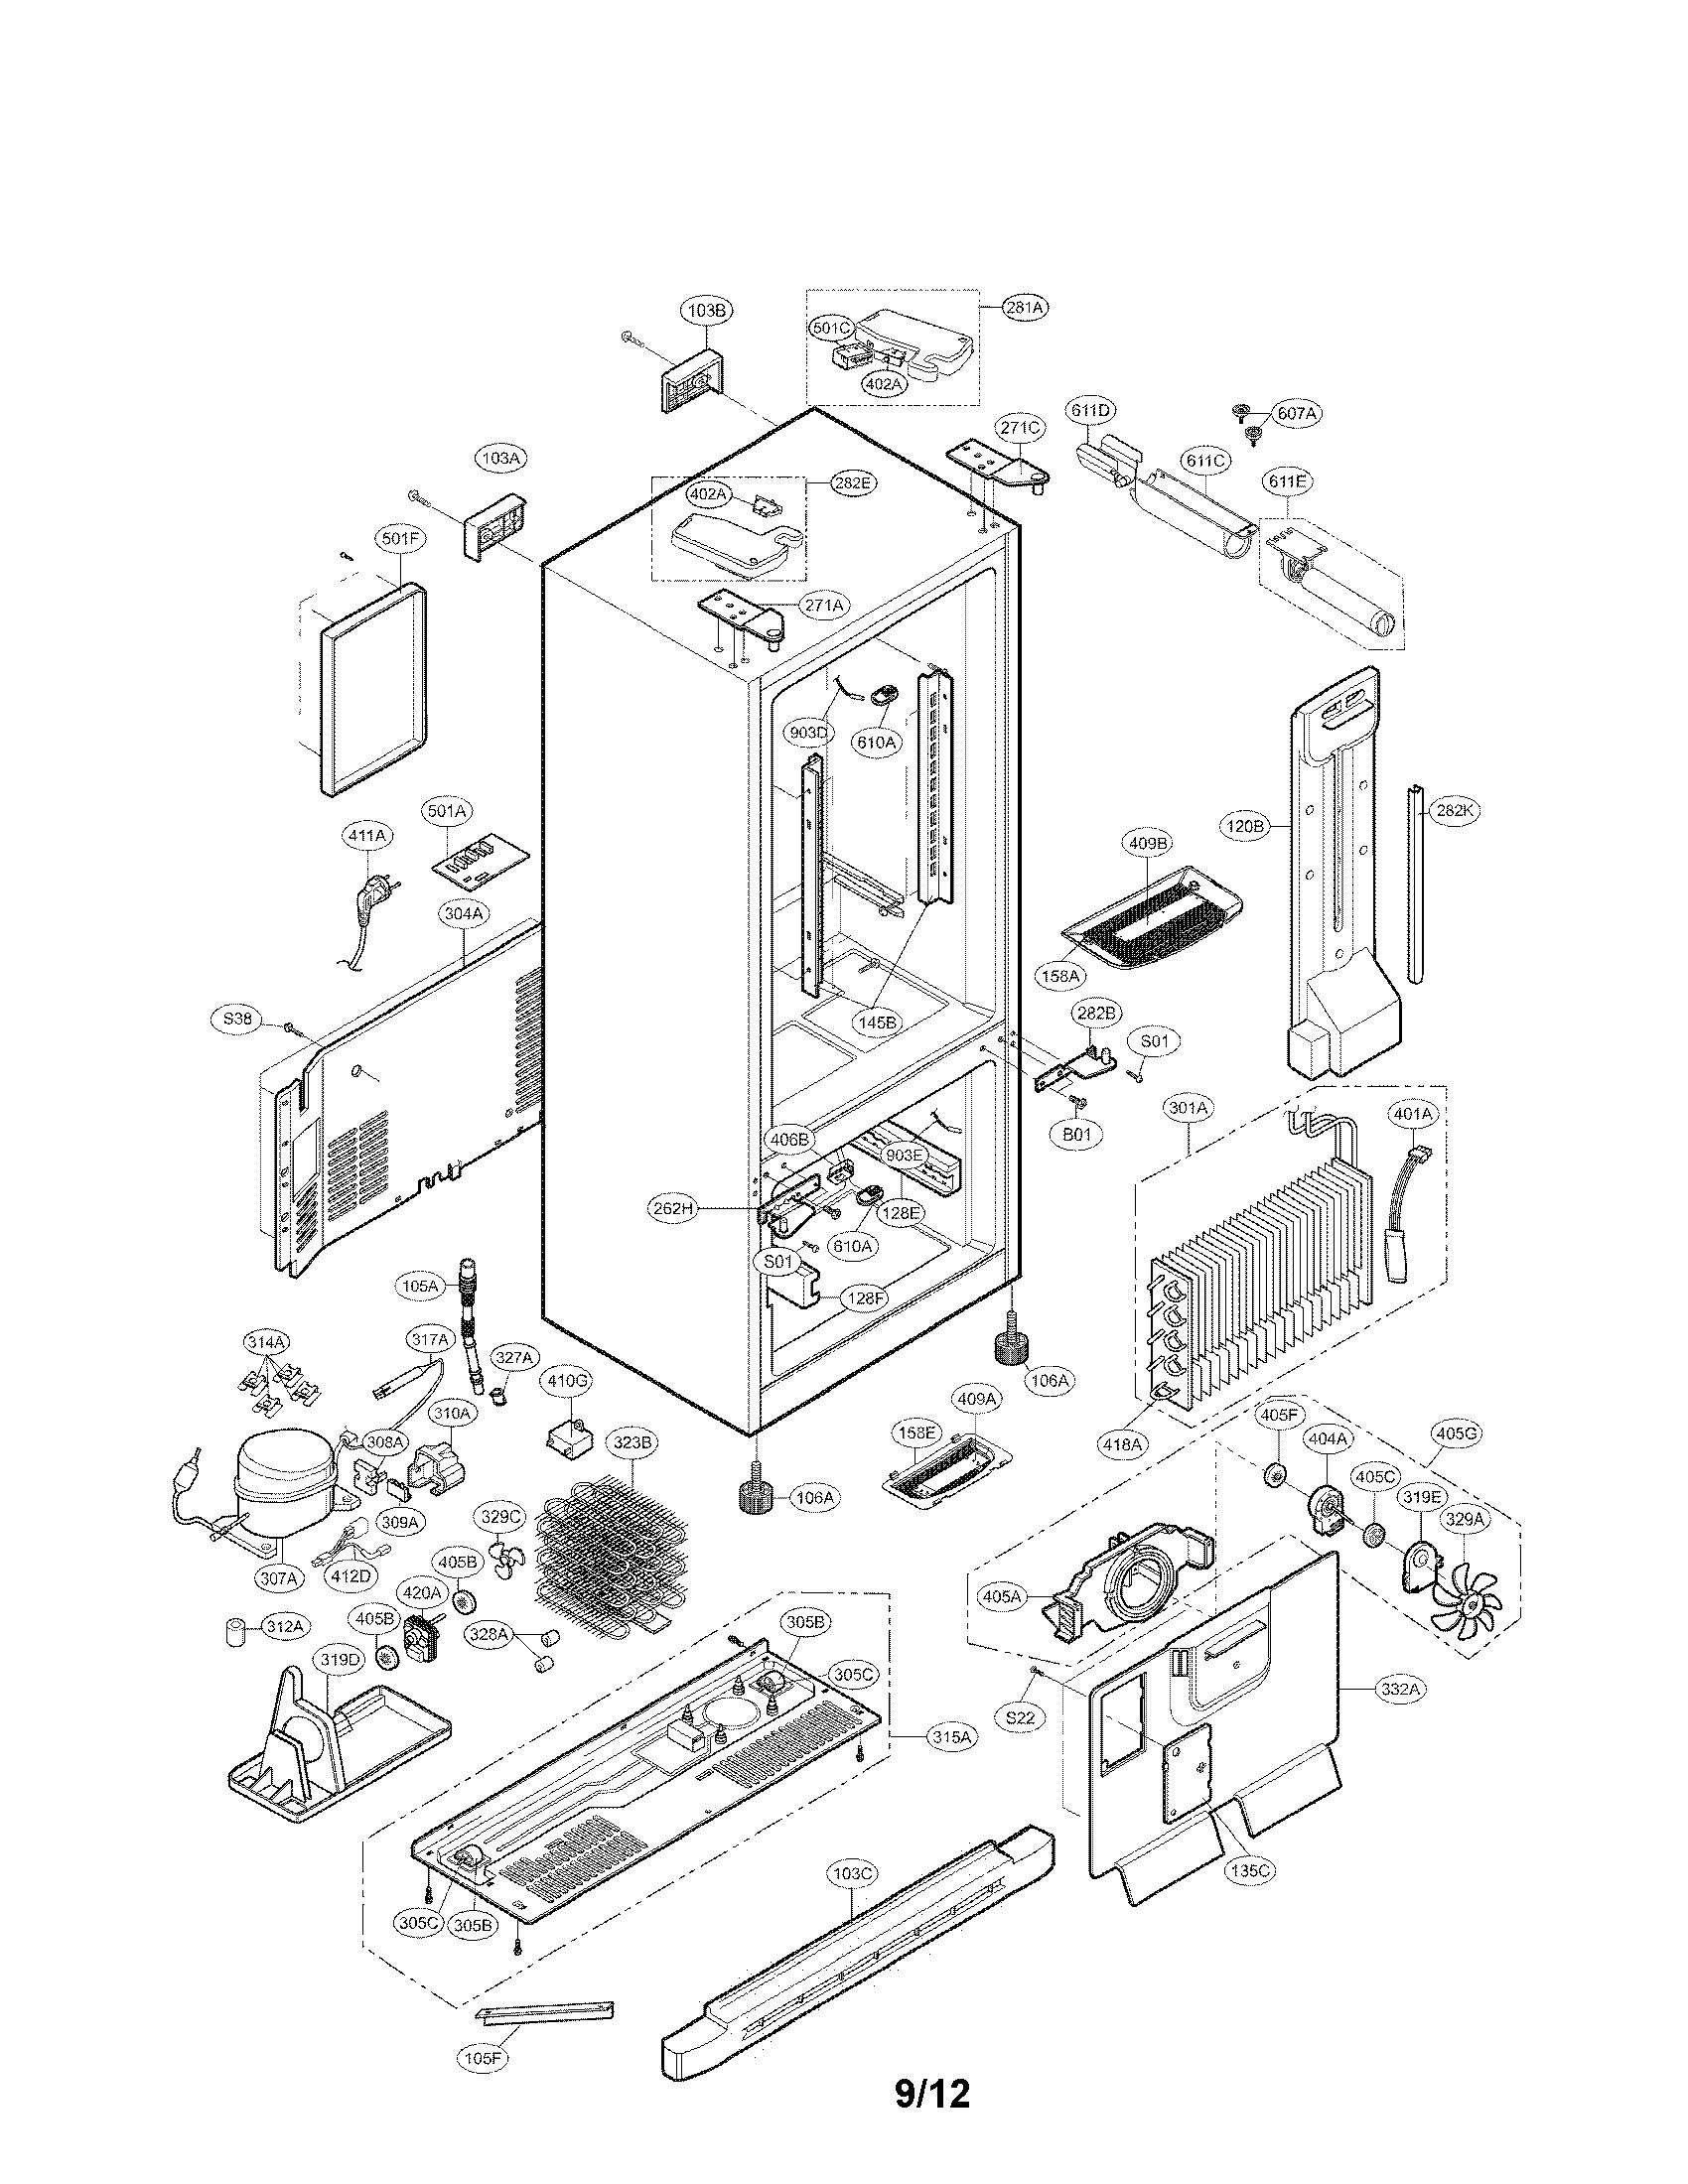 Kenmore 795 Defrost Sensor Assembly